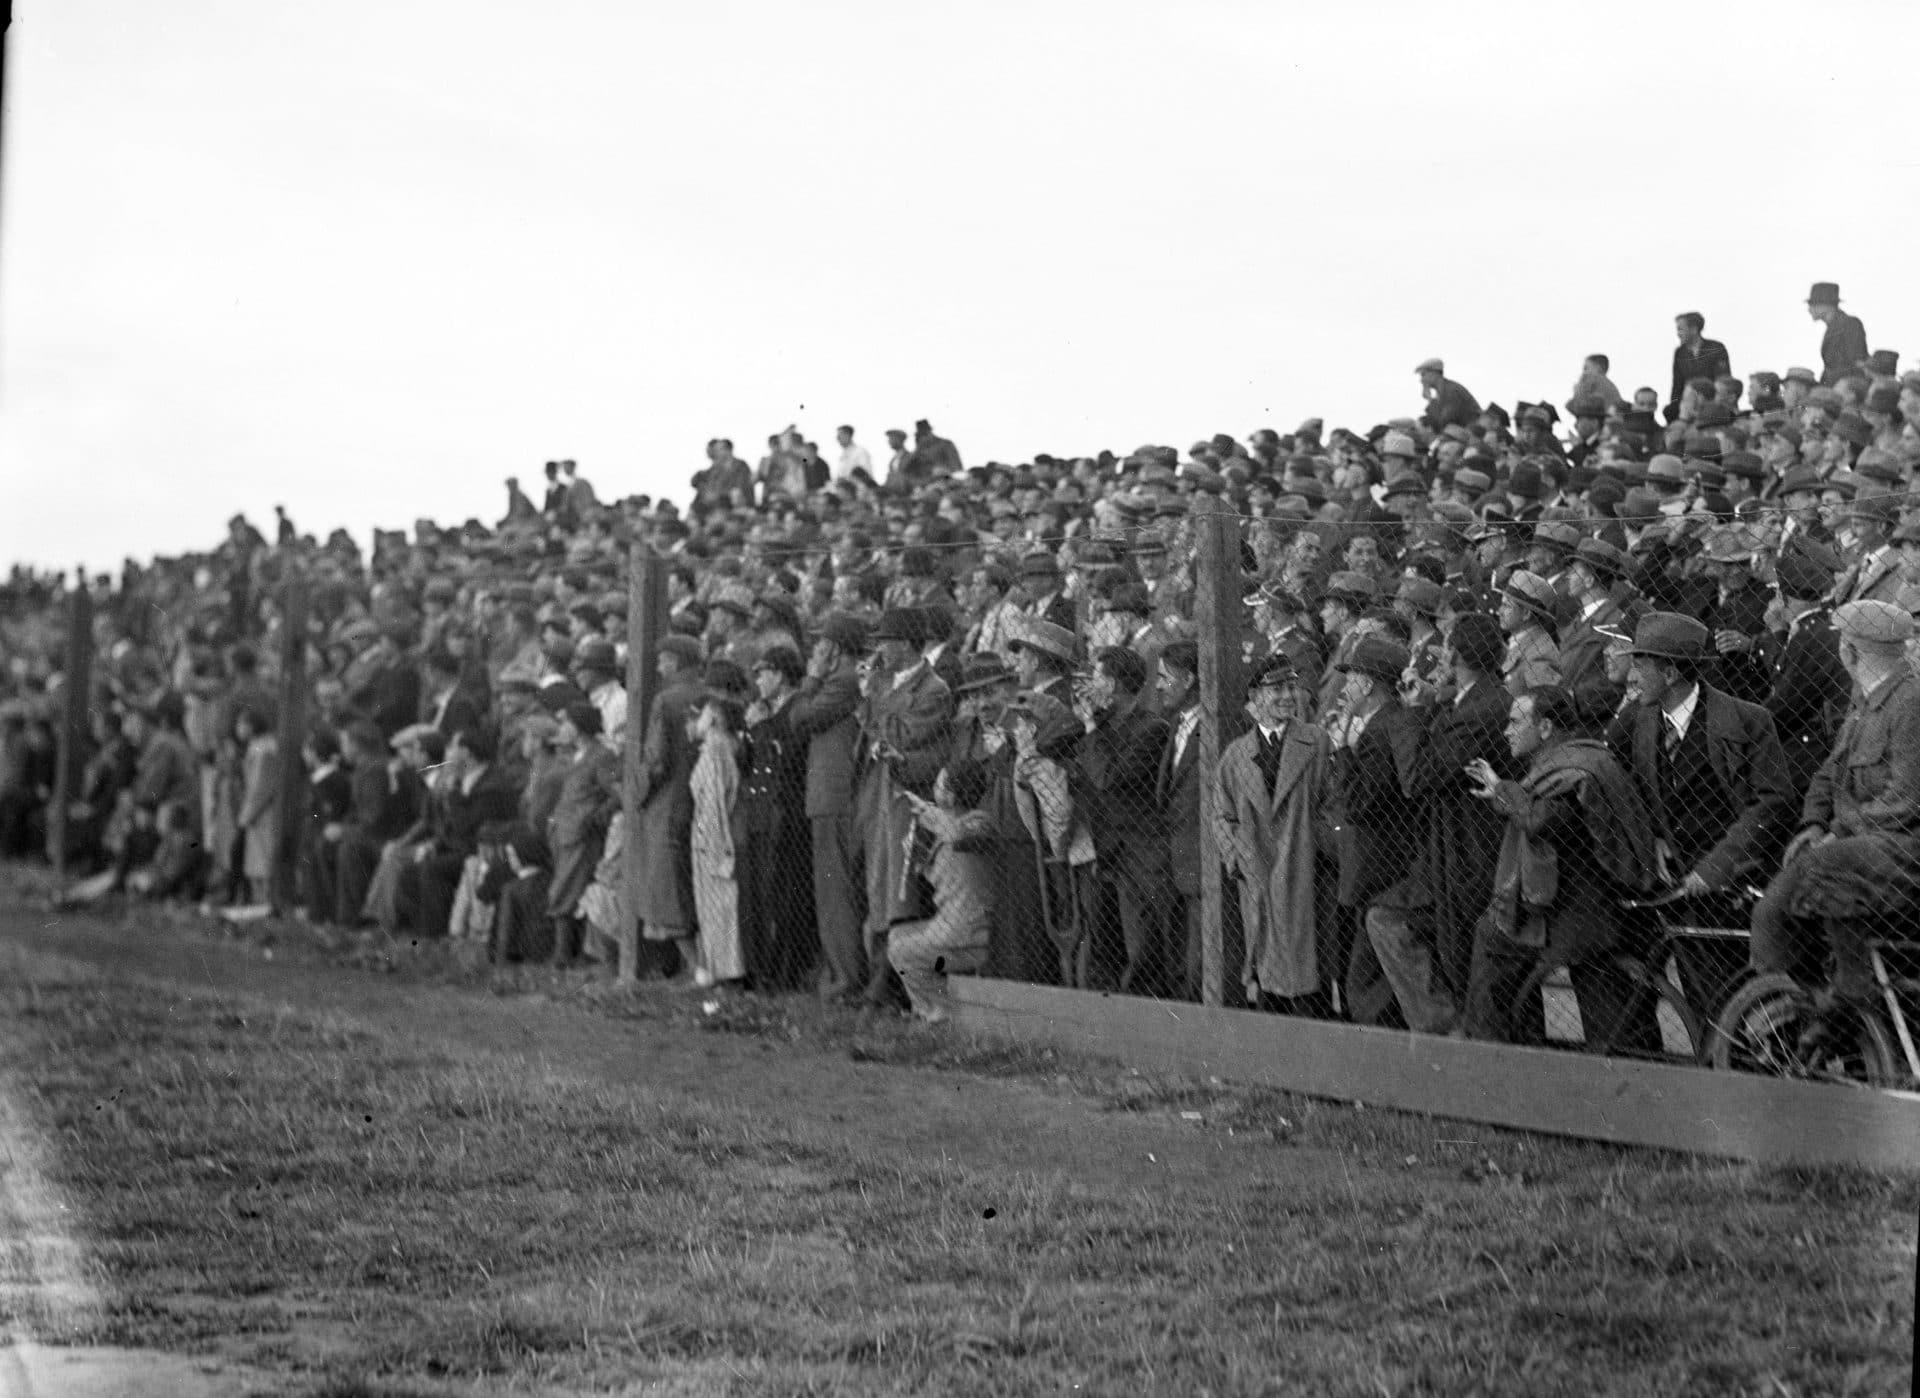 Kibice oglądają mecz Wisła Kraków - Chelsea FC w 1936 roku.